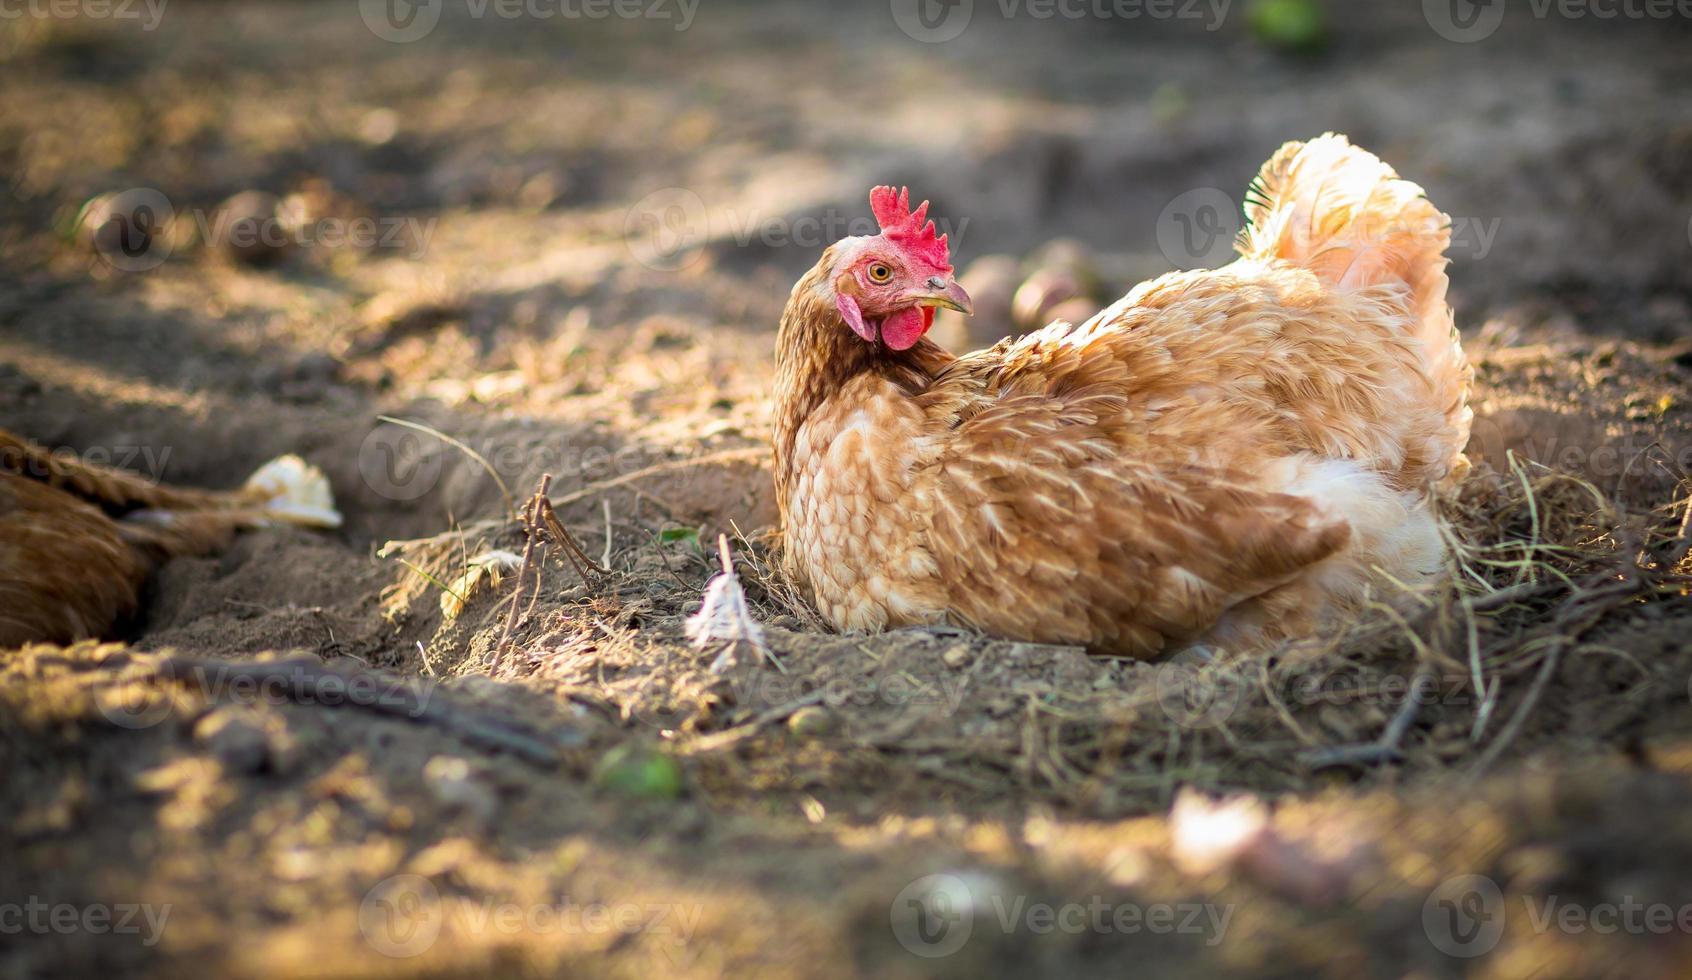 kip in een boerenerf (gallus gallus domesticus) foto